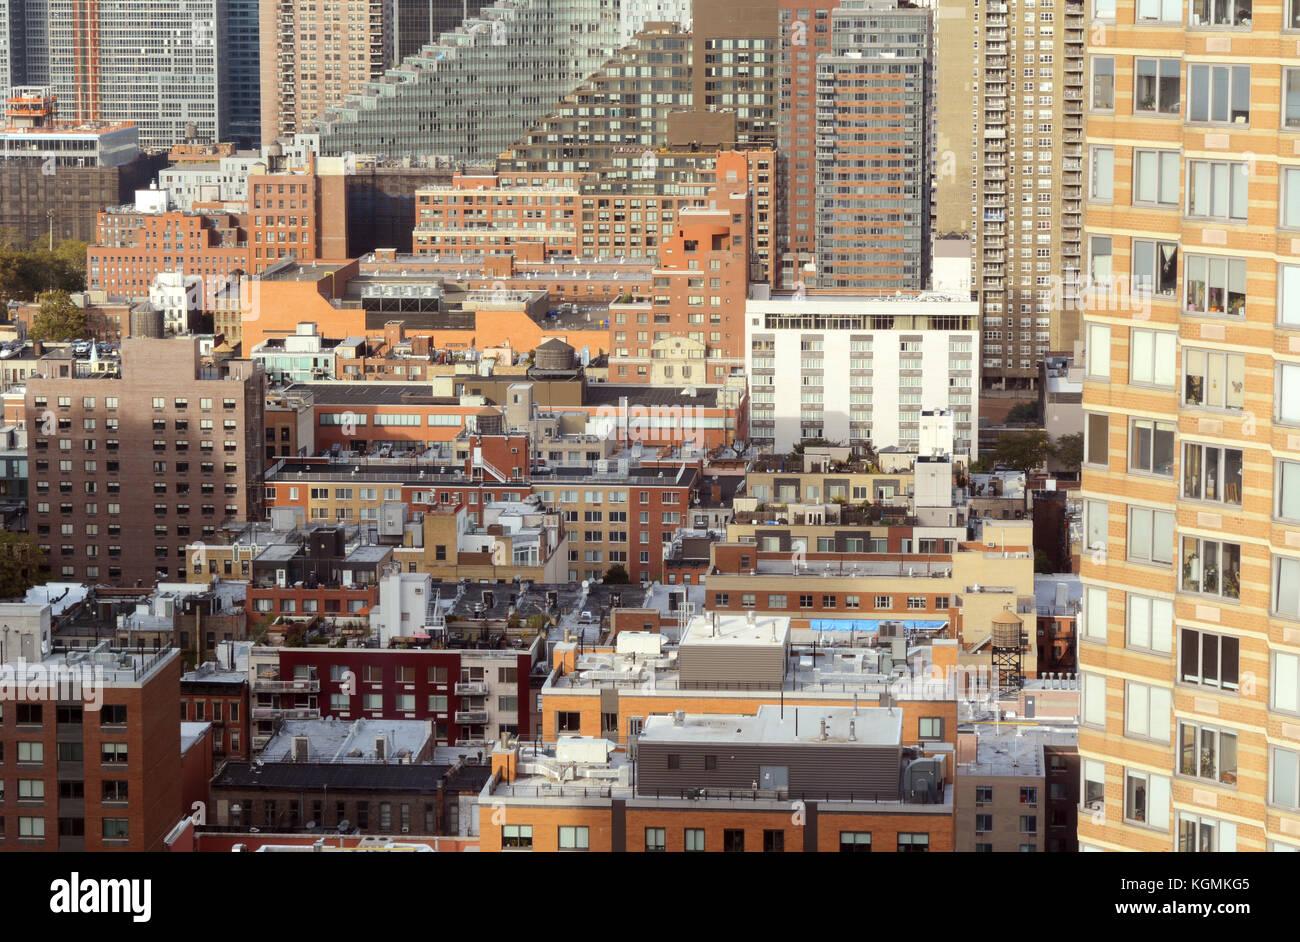 Stadtbild von Wohnung und Büro Gebäude in der Hölle Küche, New York ...